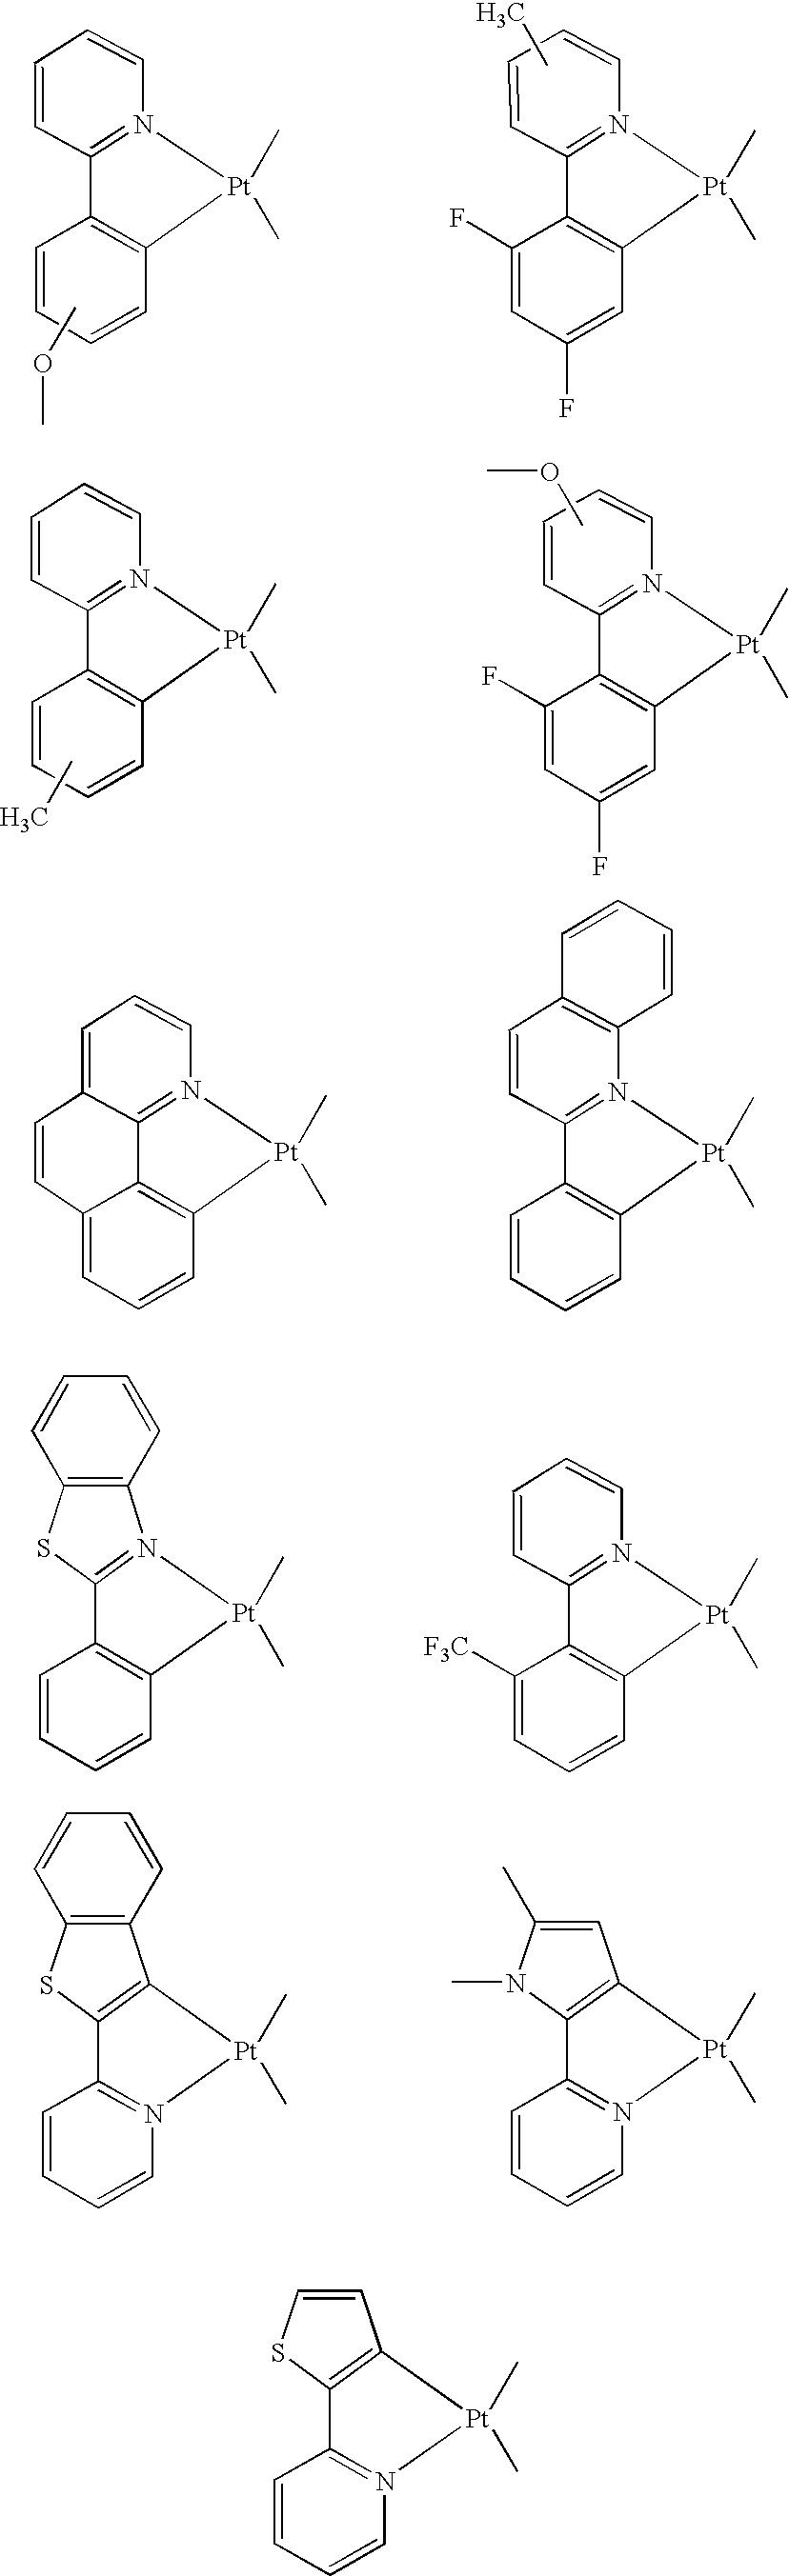 Figure US20040260047A1-20041223-C00011